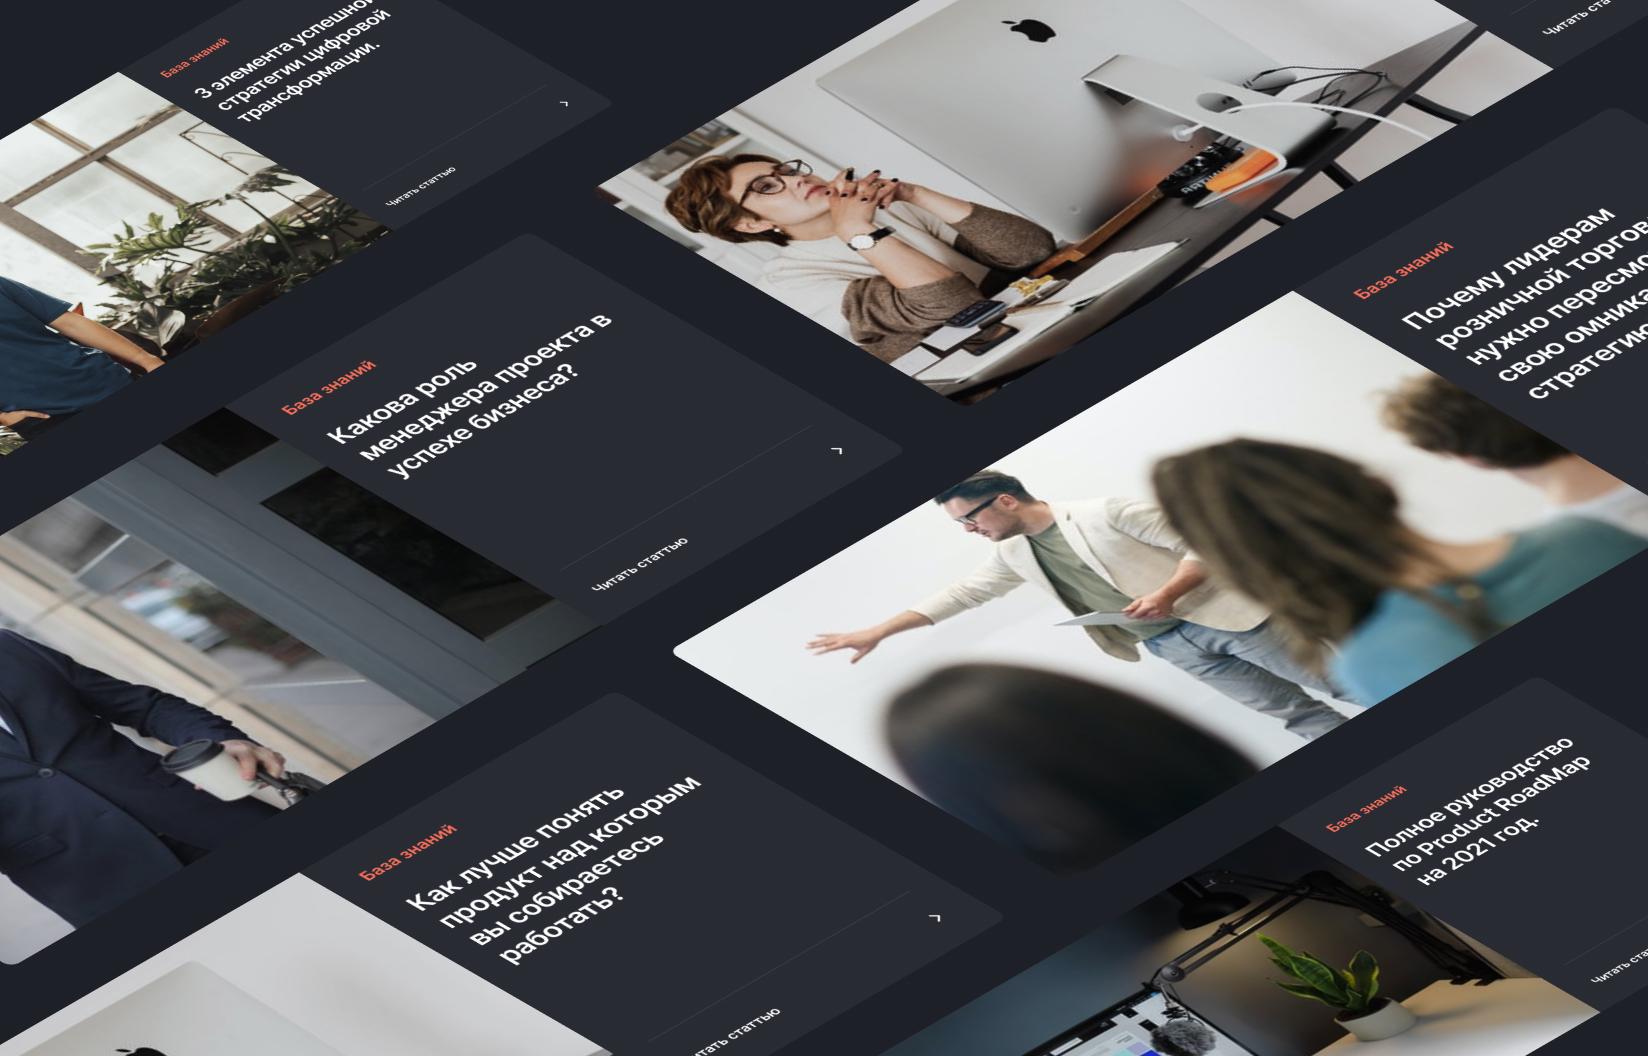 MakeTornado полезный контент на тему развития бизнеса